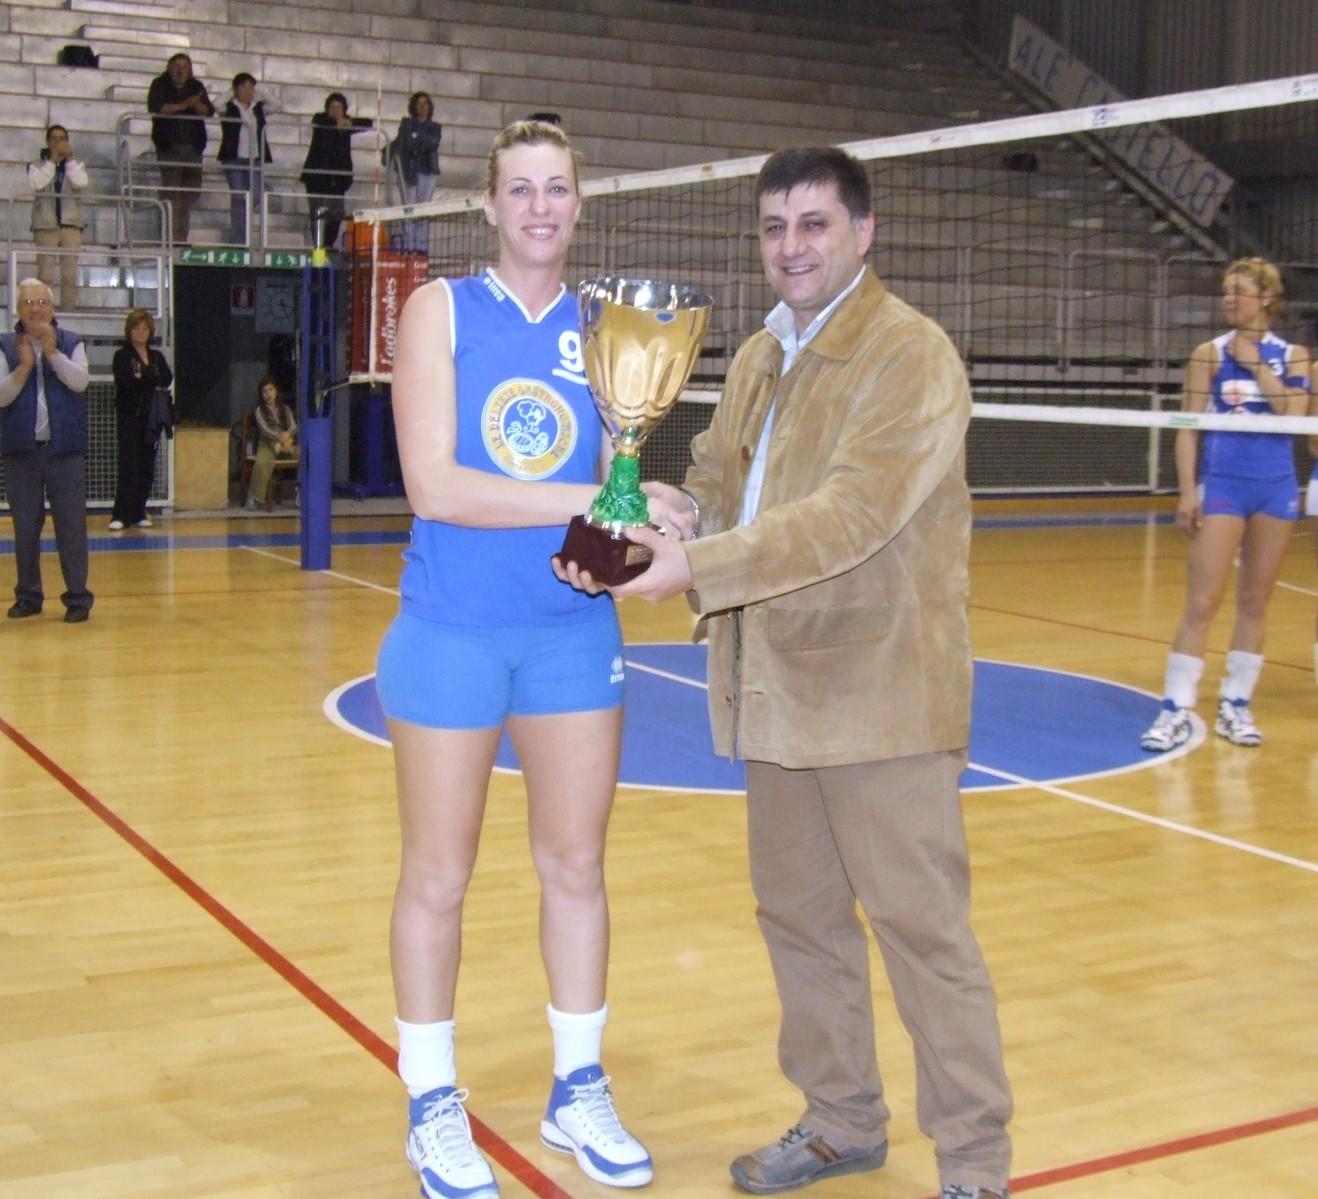 Volley, la Cibes La Nef vince la Coppa di serie B